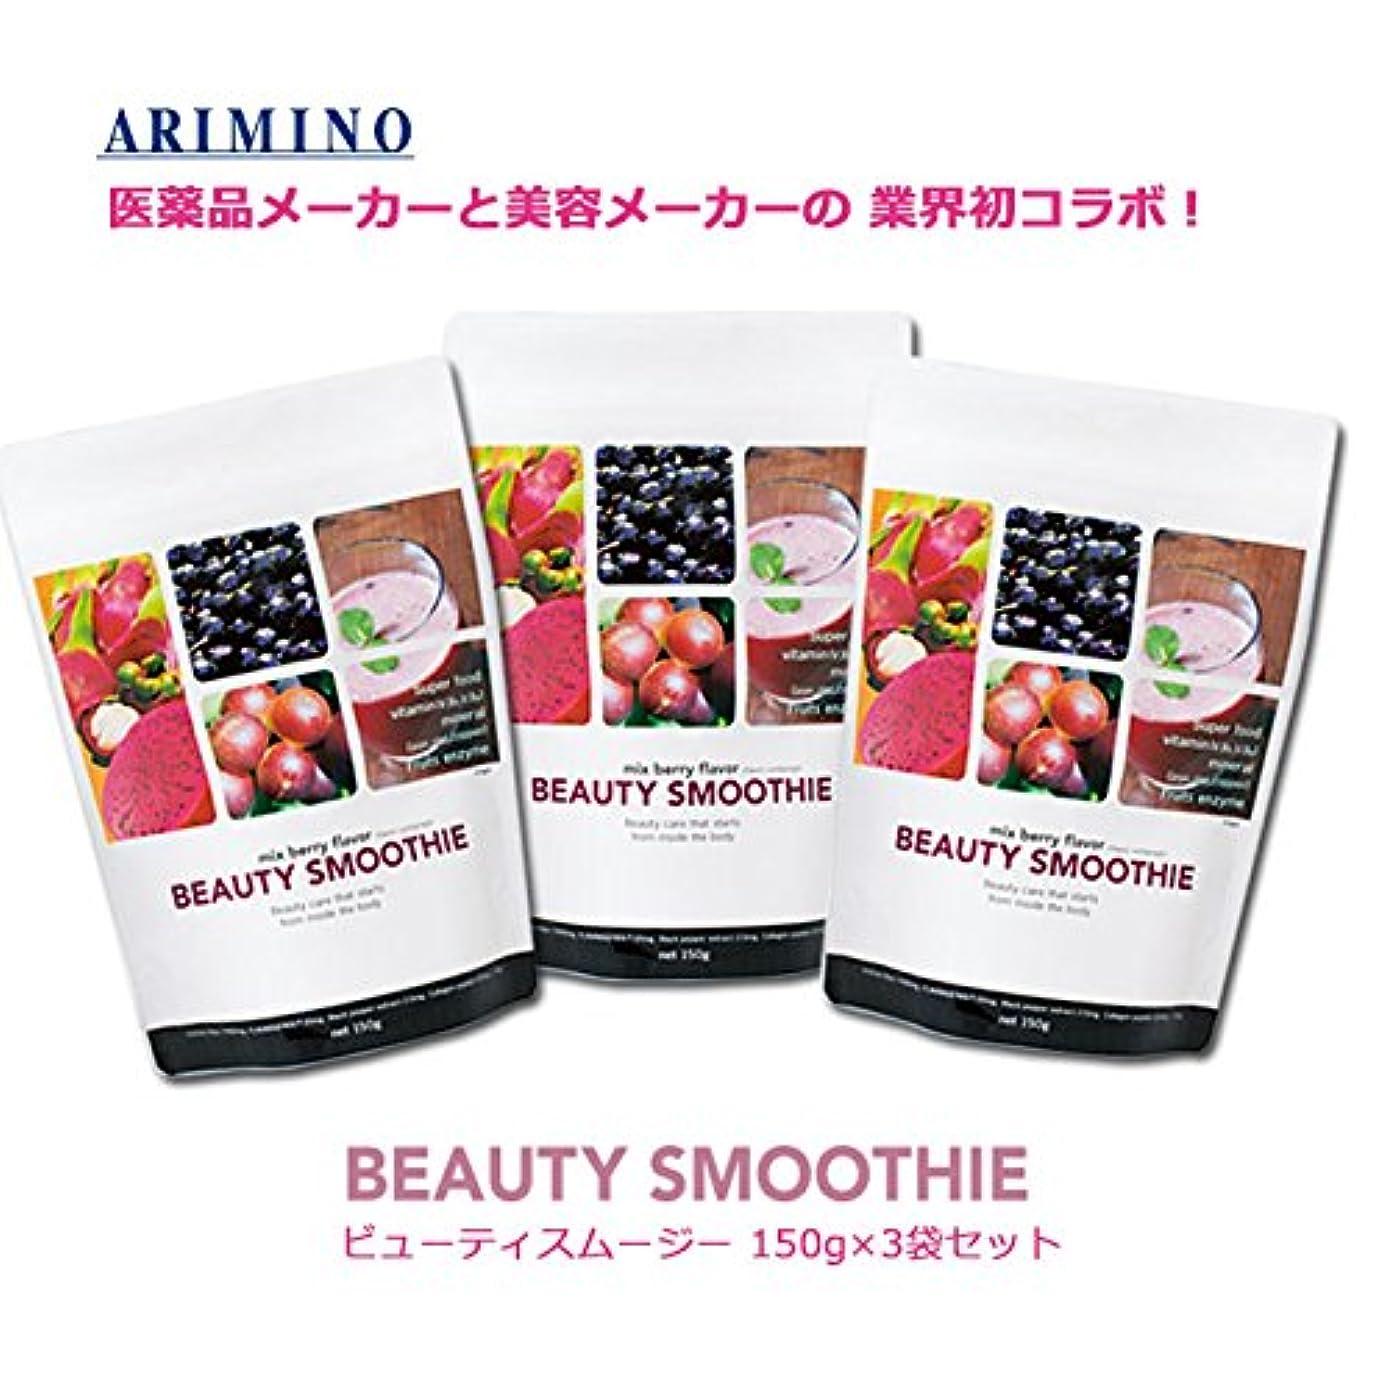 毒性ビットマージ【3個セット】 ARIMINO BEAUTY SMOOTHIE アリミノ ビューティスムージー 150g